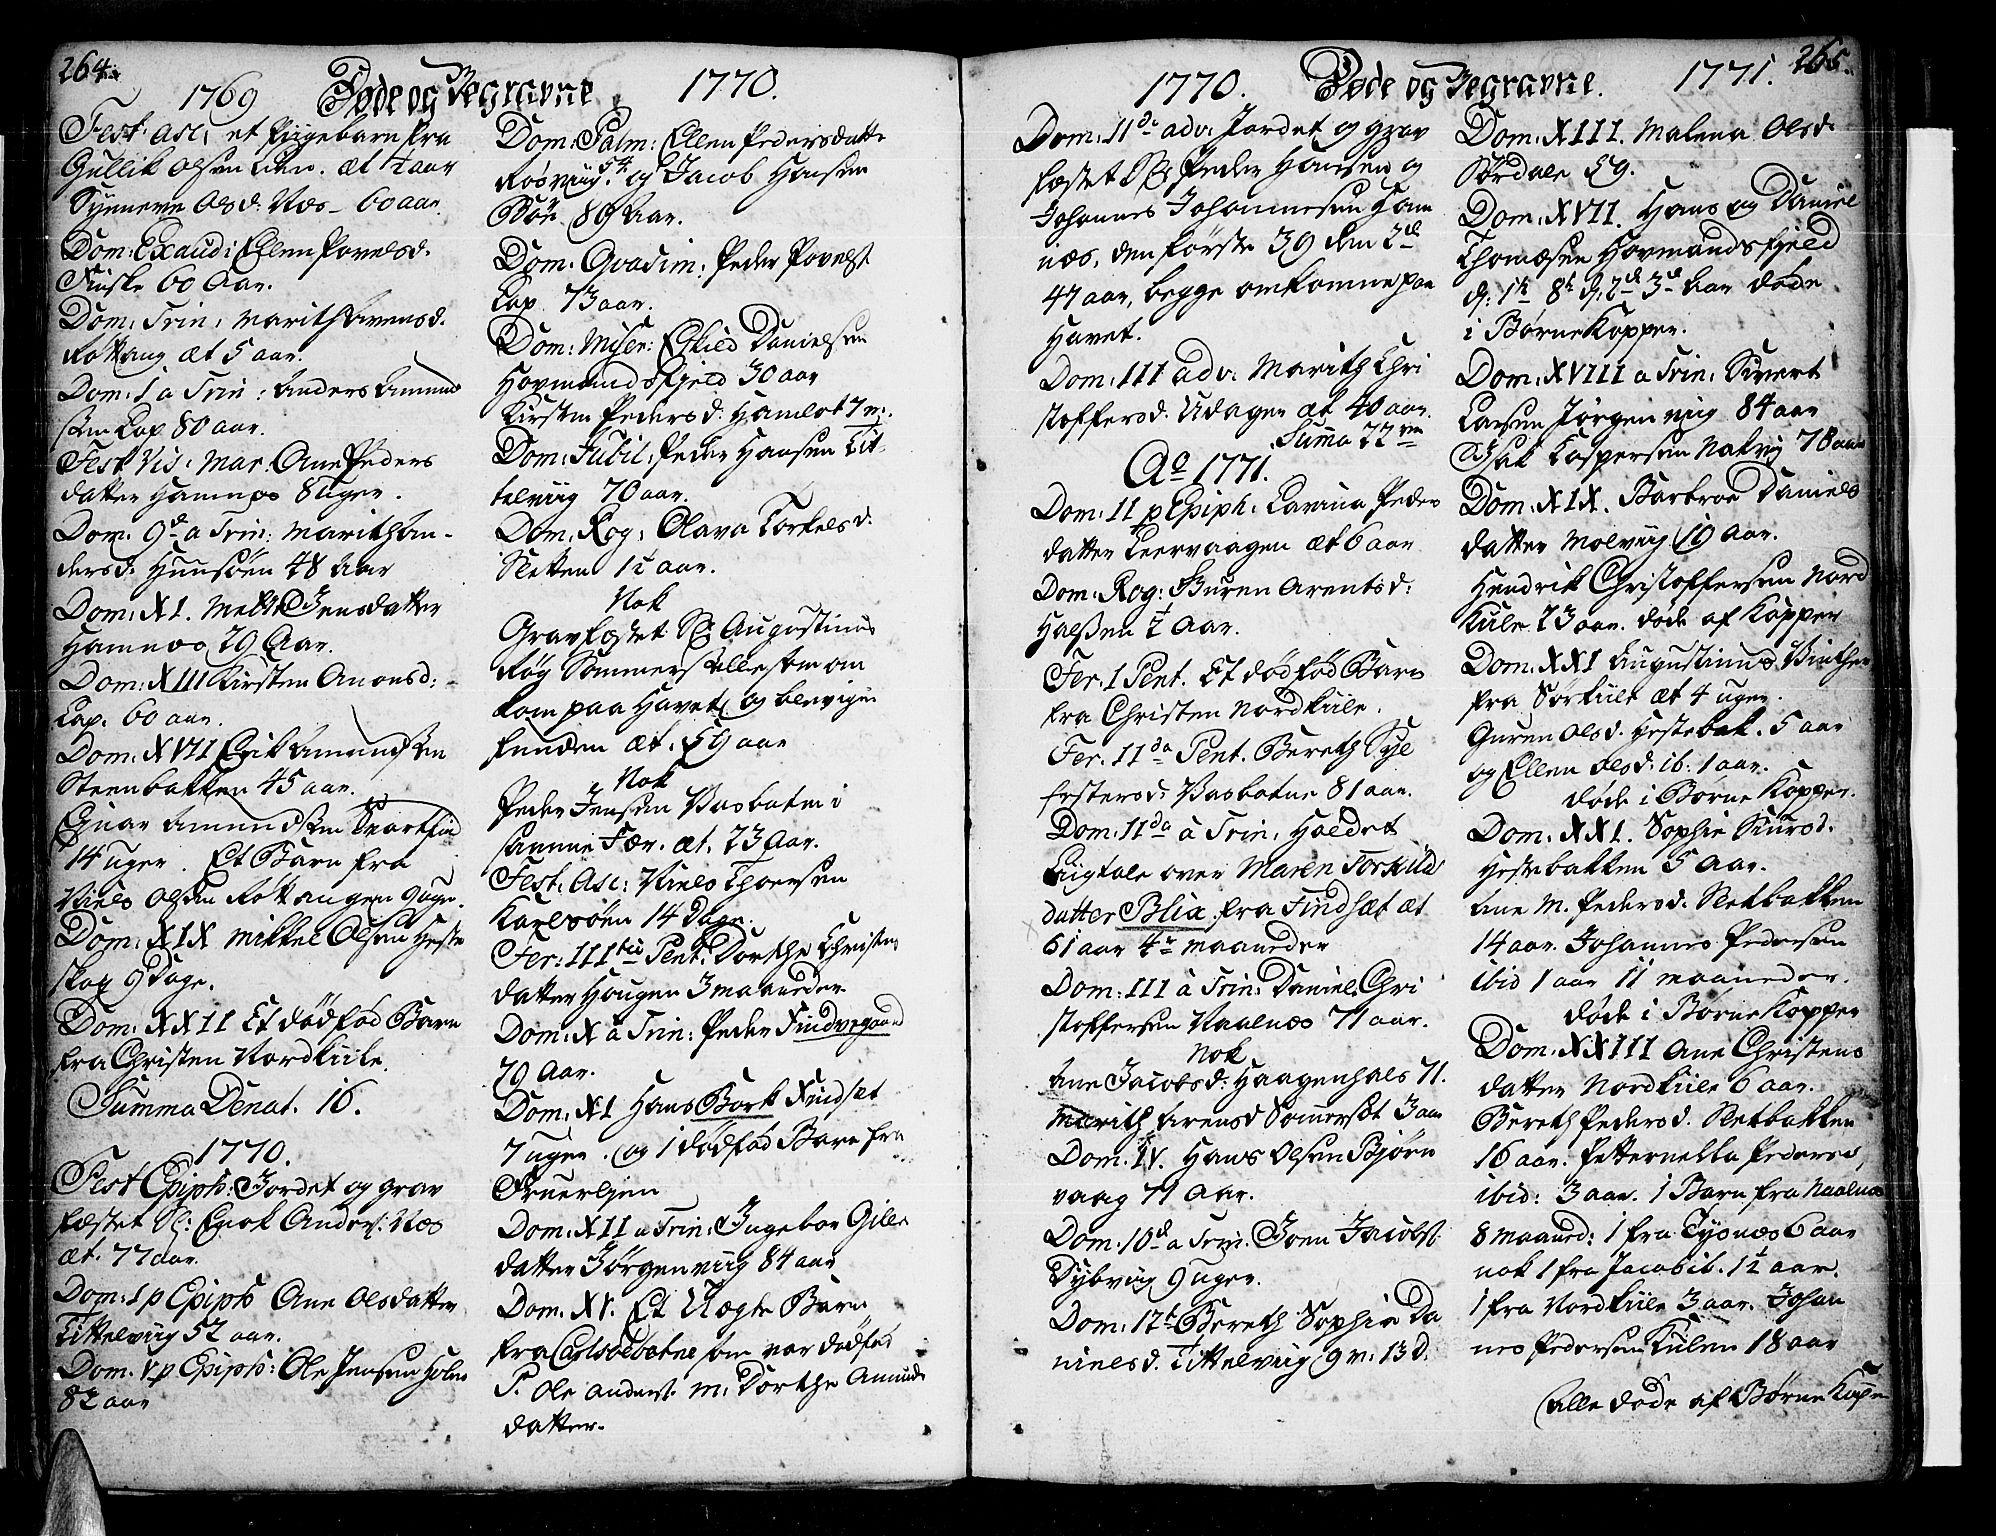 SAT, Ministerialprotokoller, klokkerbøker og fødselsregistre - Nordland, 859/L0841: Parish register (official) no. 859A01, 1766-1821, p. 264-265